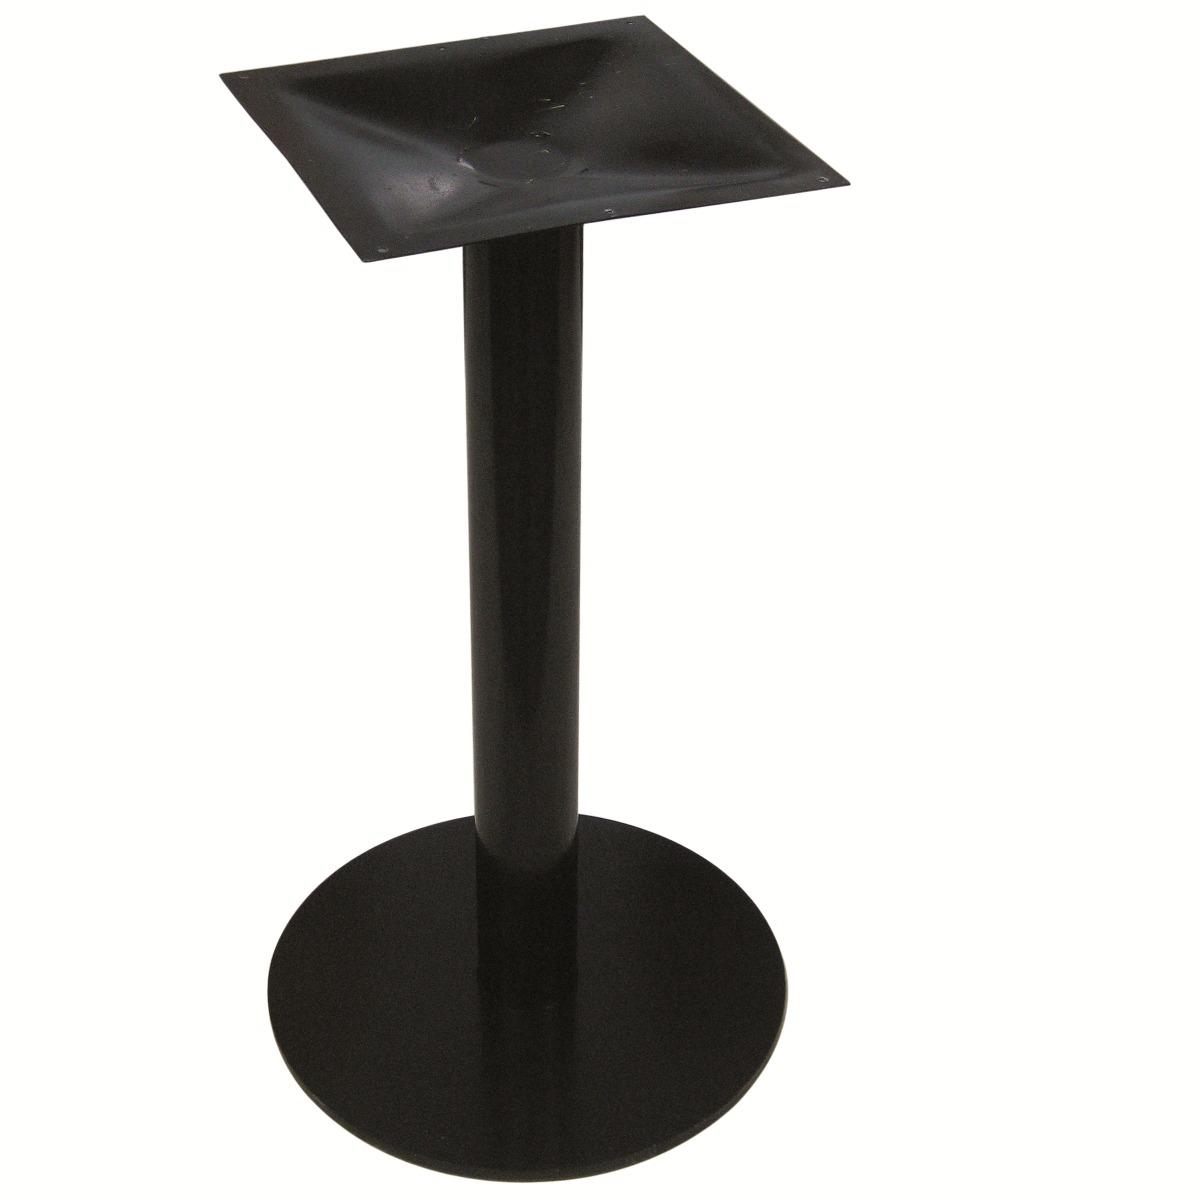 Mesa cocina pie central gauss base mesa comedor blanca for Mesas de rinconera